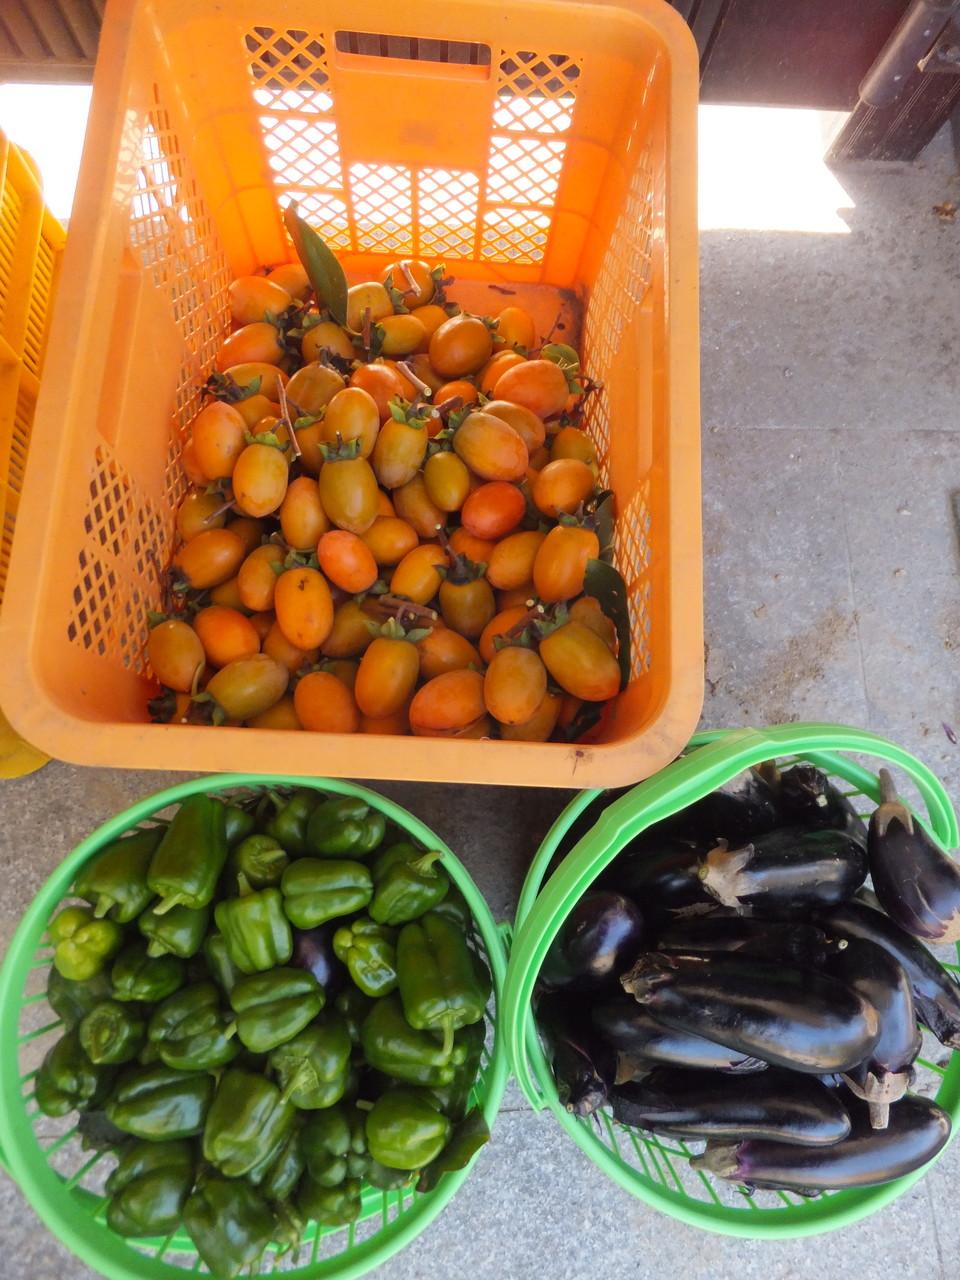 収穫してきた『つるの子つるし柿』『ピーマン』『なす』